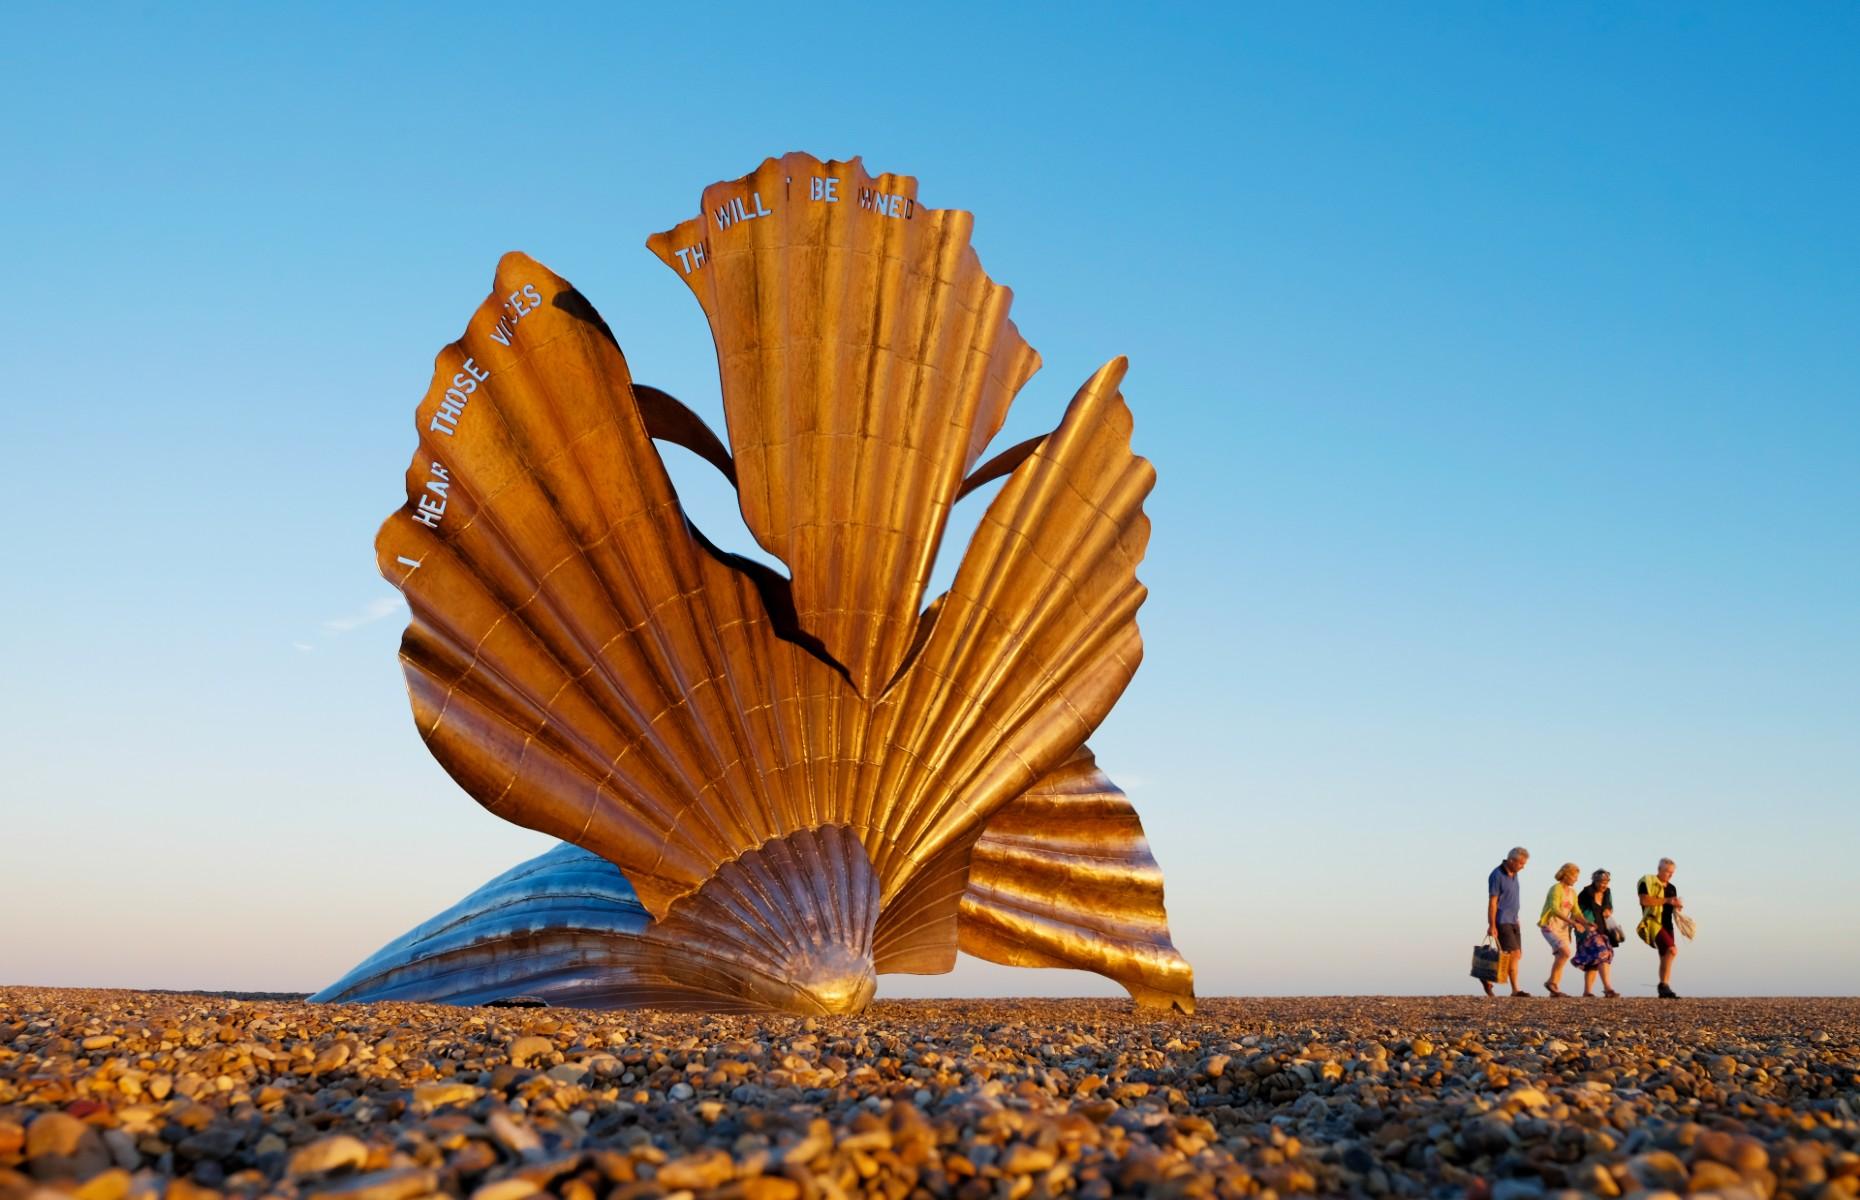 The scallop sculpture (Image: David Calvert/Shutterstock)